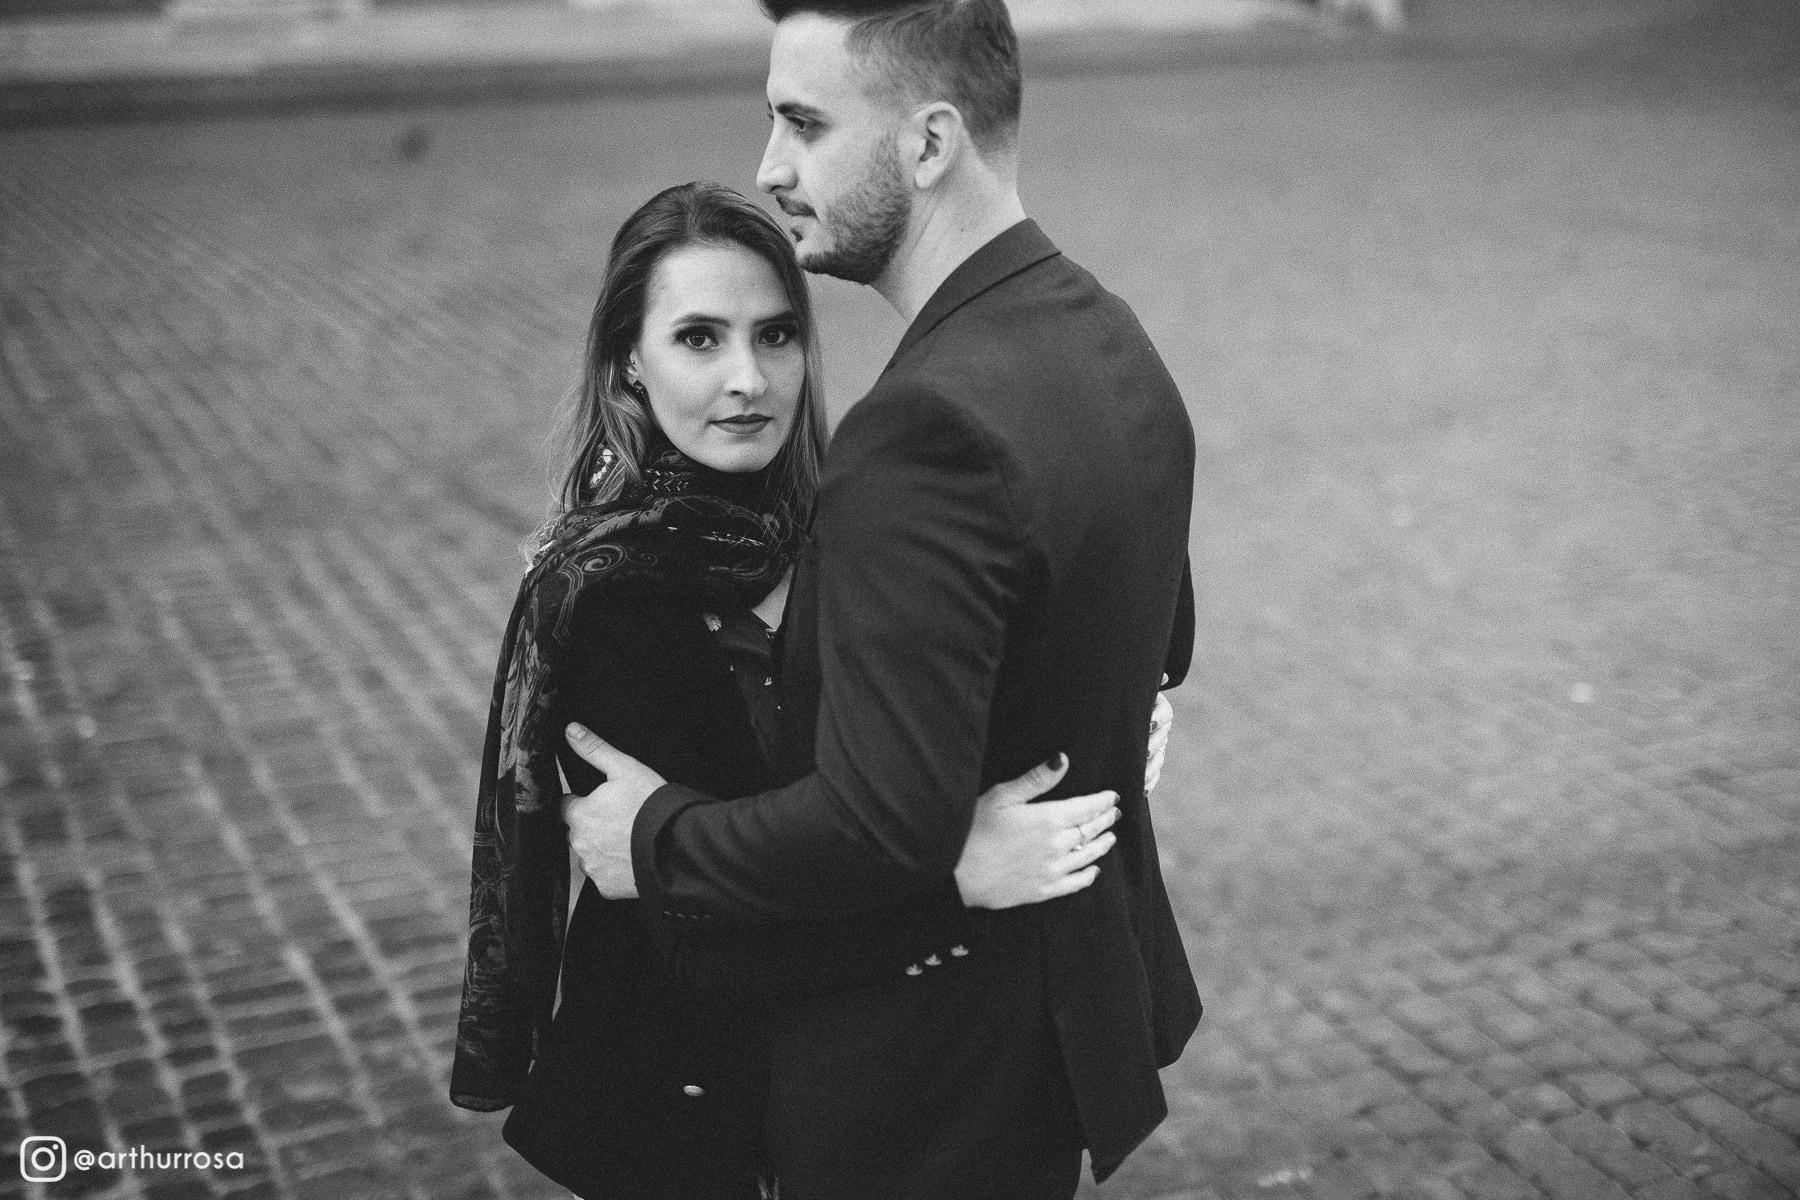 fotógrafo de casamento em Roma